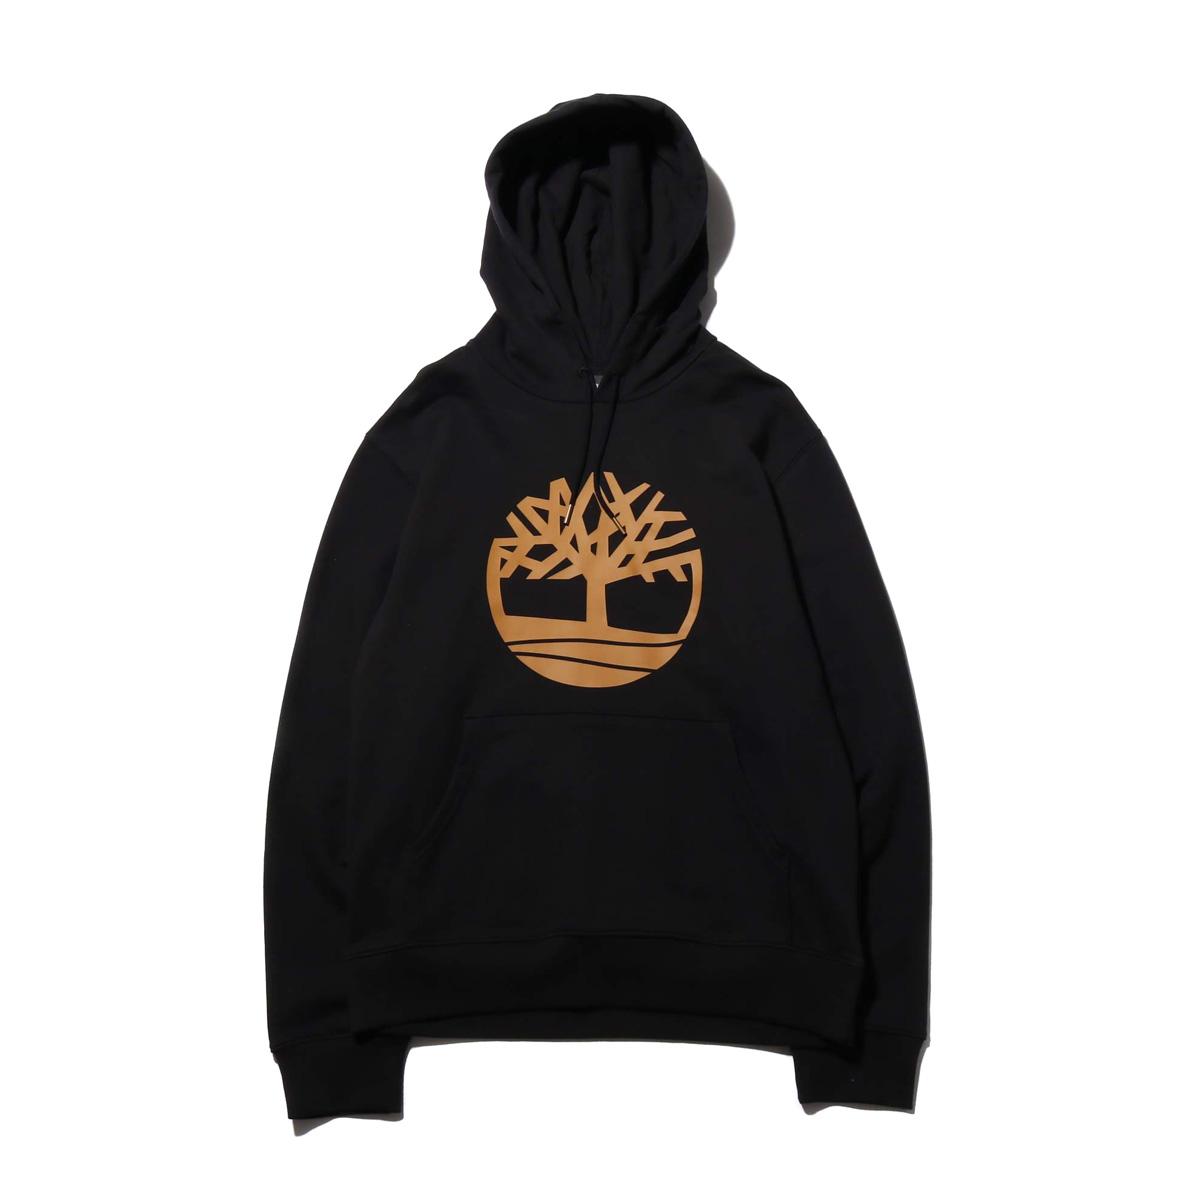 Timberland YCC CORE SWEAT(BLACK TREE)(ティンバーランド YCC コアスウェット)【メンズ】【パーカー】【19SS-I】